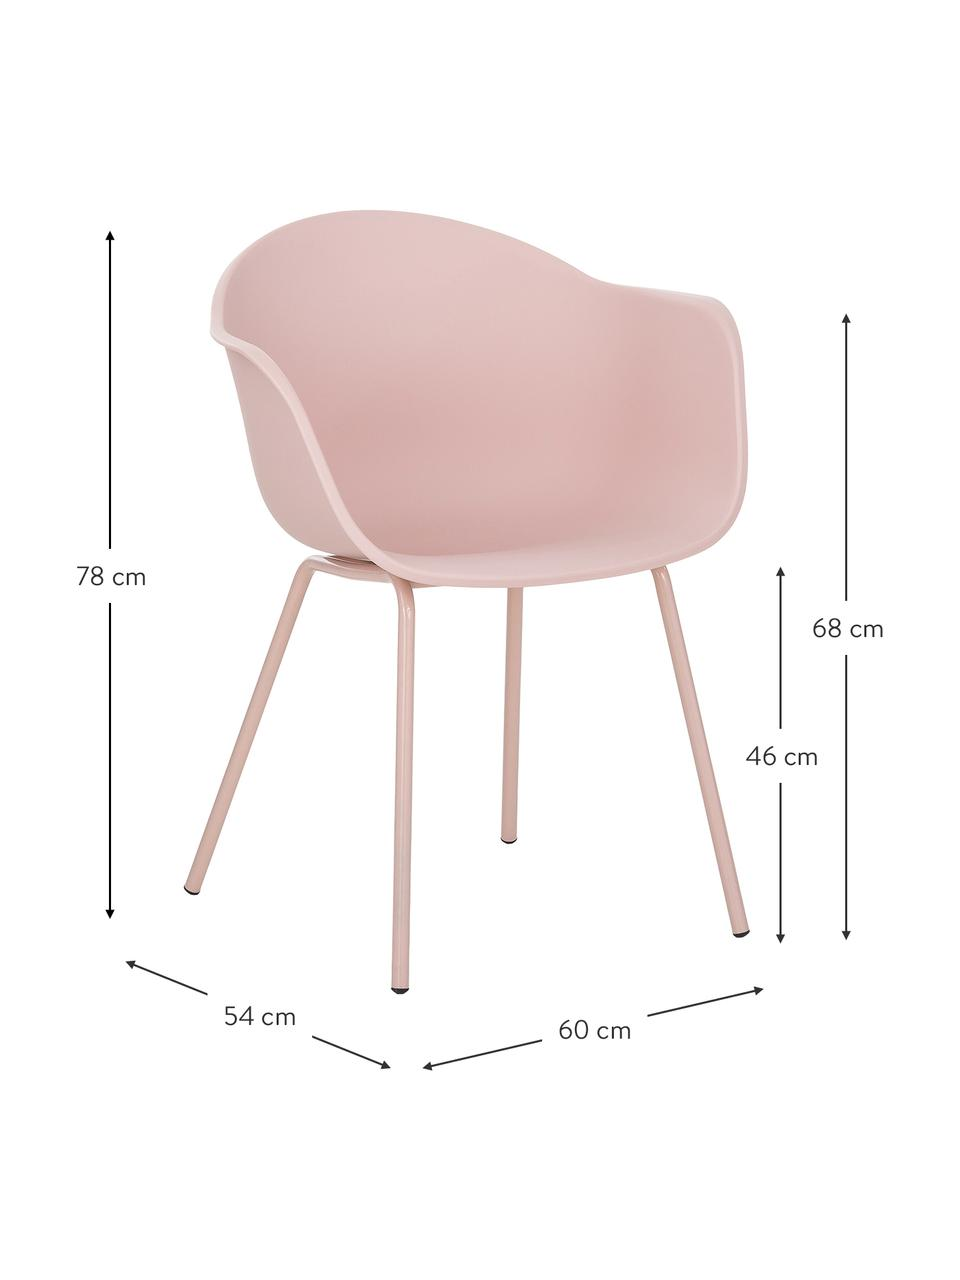 Sedia con braccioli in plastica con gambe in metallo Claire, Seduta: materiale sintetico, Gambe: metallo verniciato a polv, Rosa, Larg. 60 x Alt. 54 cm